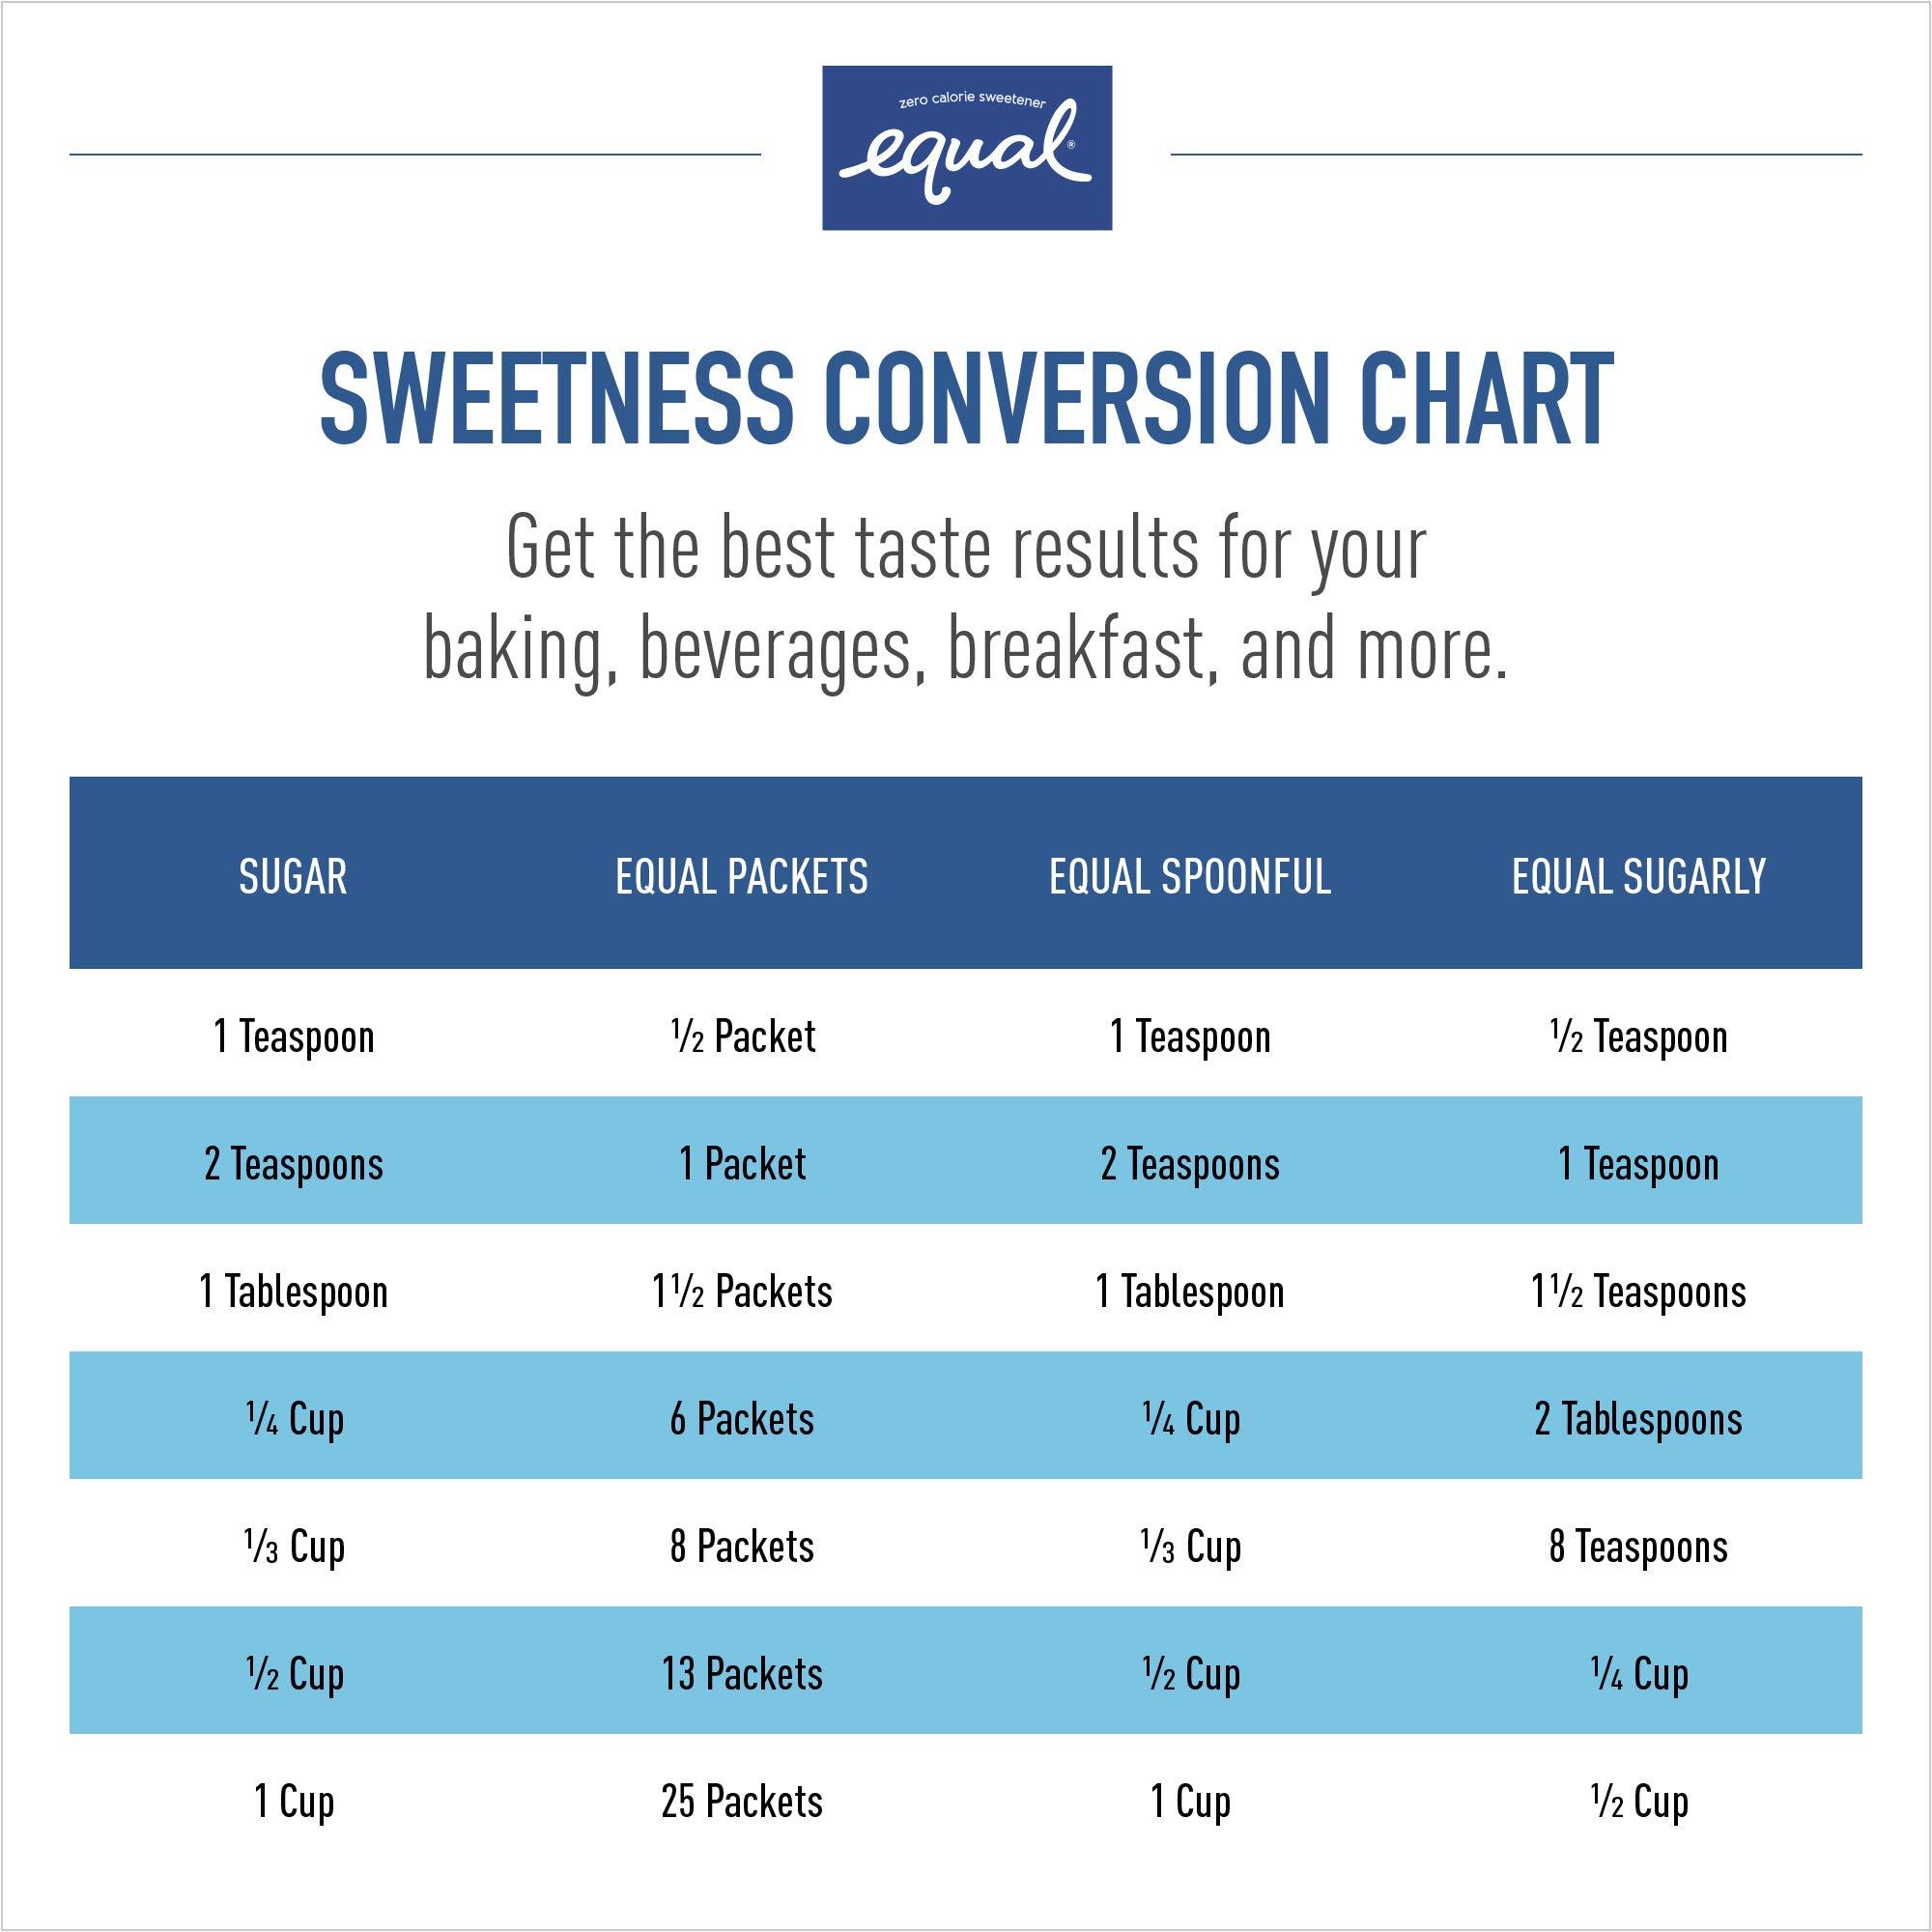 EQUAL 0 Calorie Sweetener, Sugar Substitute, Zero Calorie Sugar Alternative Sweetener Packets, Sugar Alternative, 50 Count (Pack of 12) by Equal (Image #7)